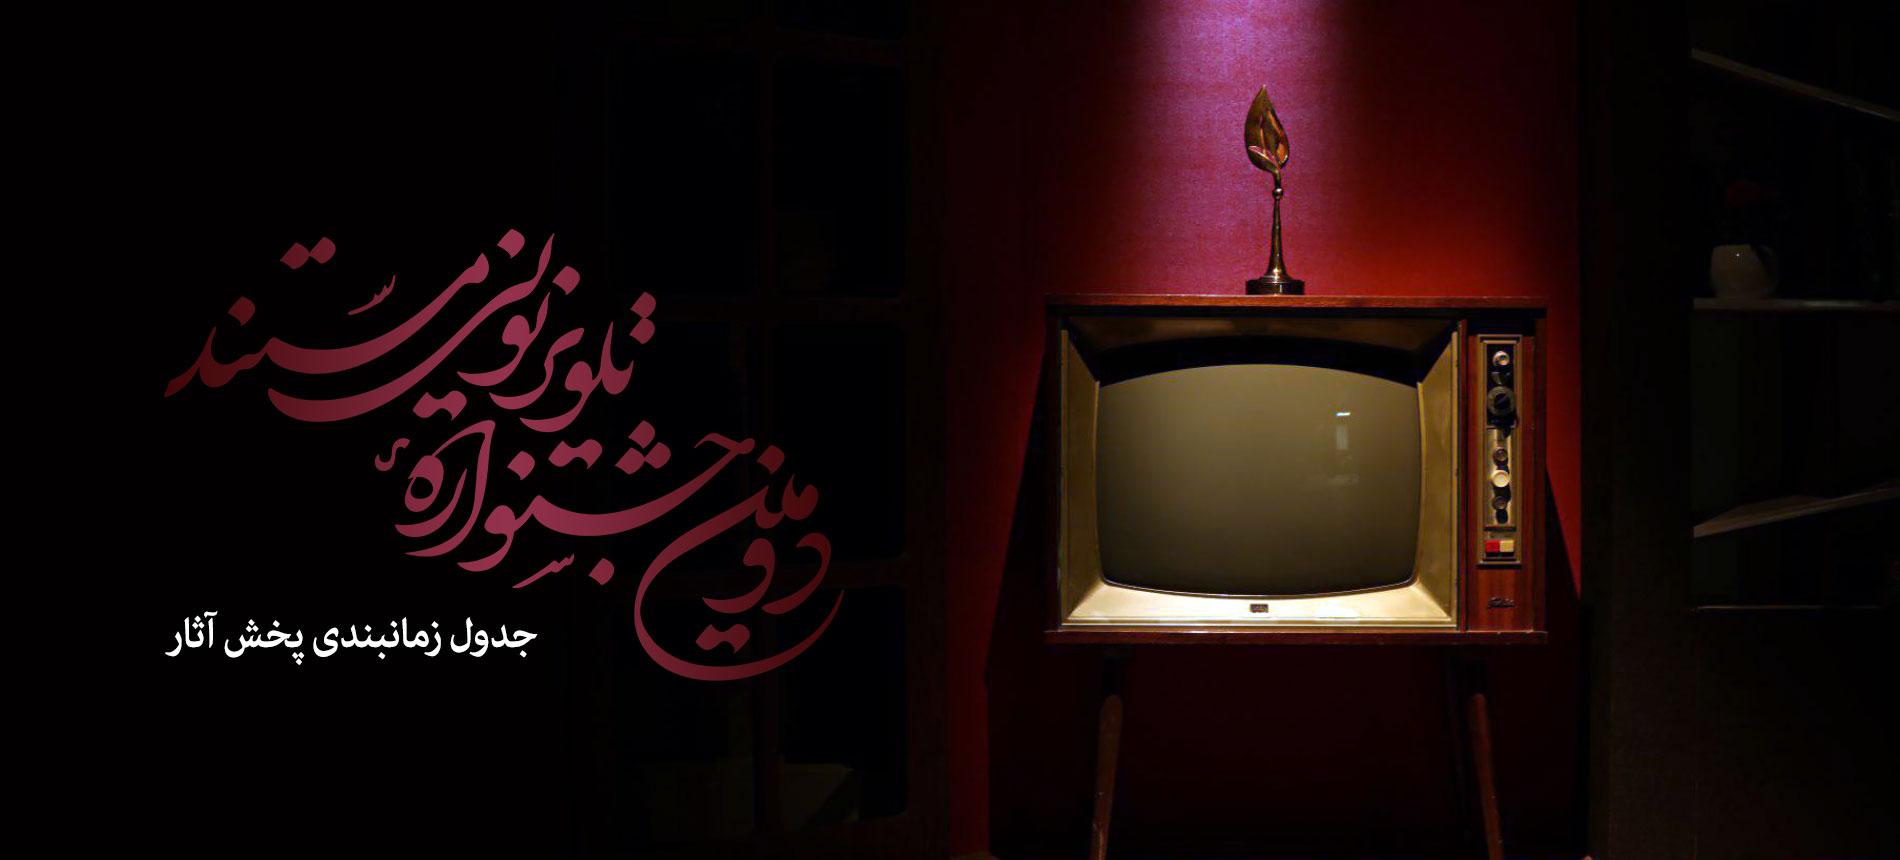 جدول زمان پخش فیلم های دومین جشنواره تلویزیونی مستند